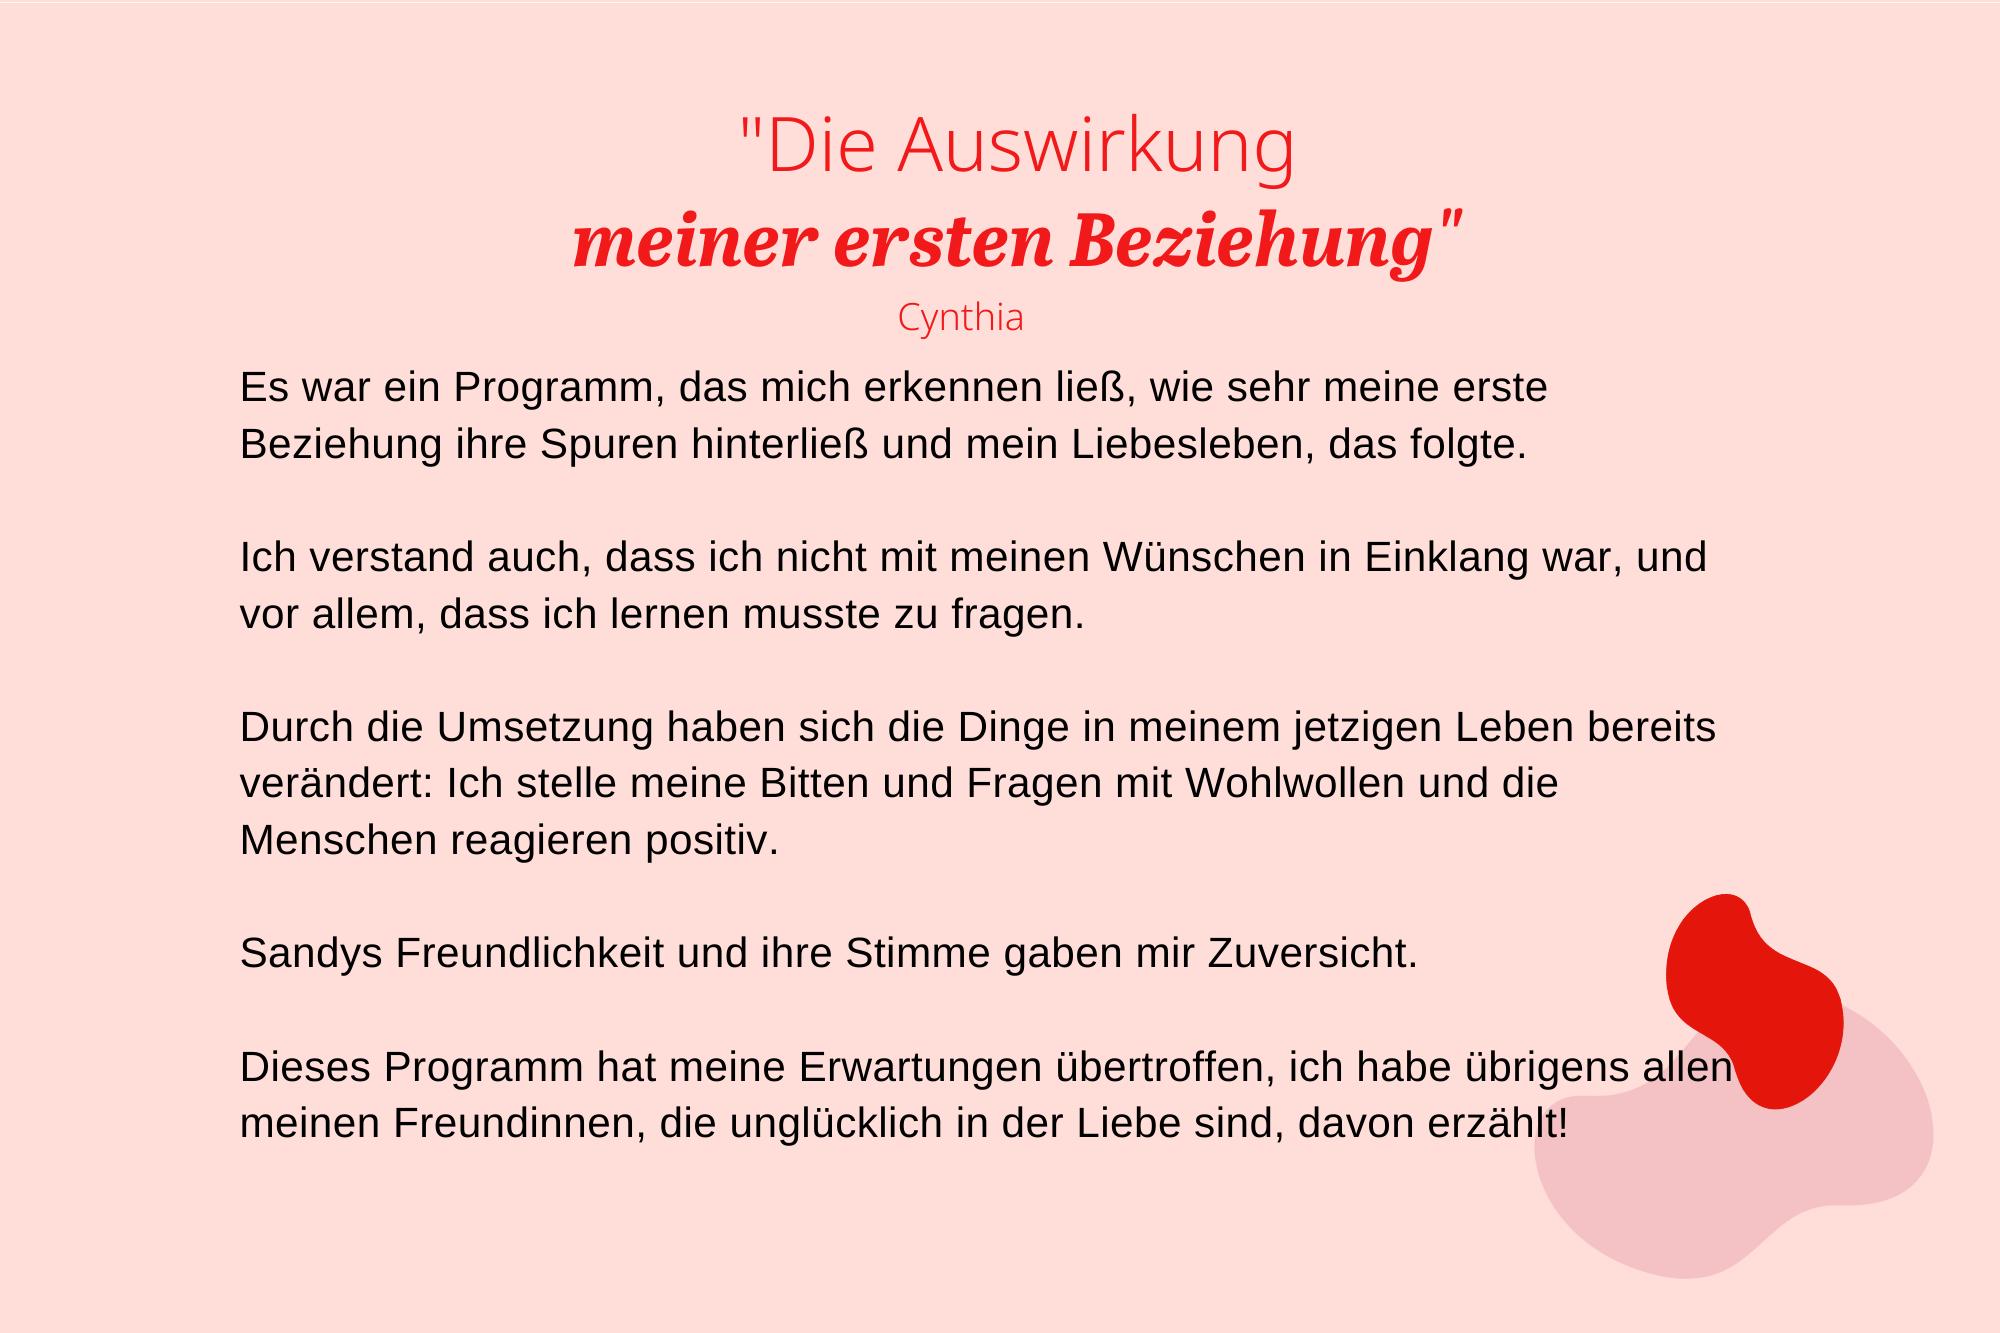 DE_Erfahrungsberichte_Liebescoach_Die Auswirkung meiner ersten Beziehung